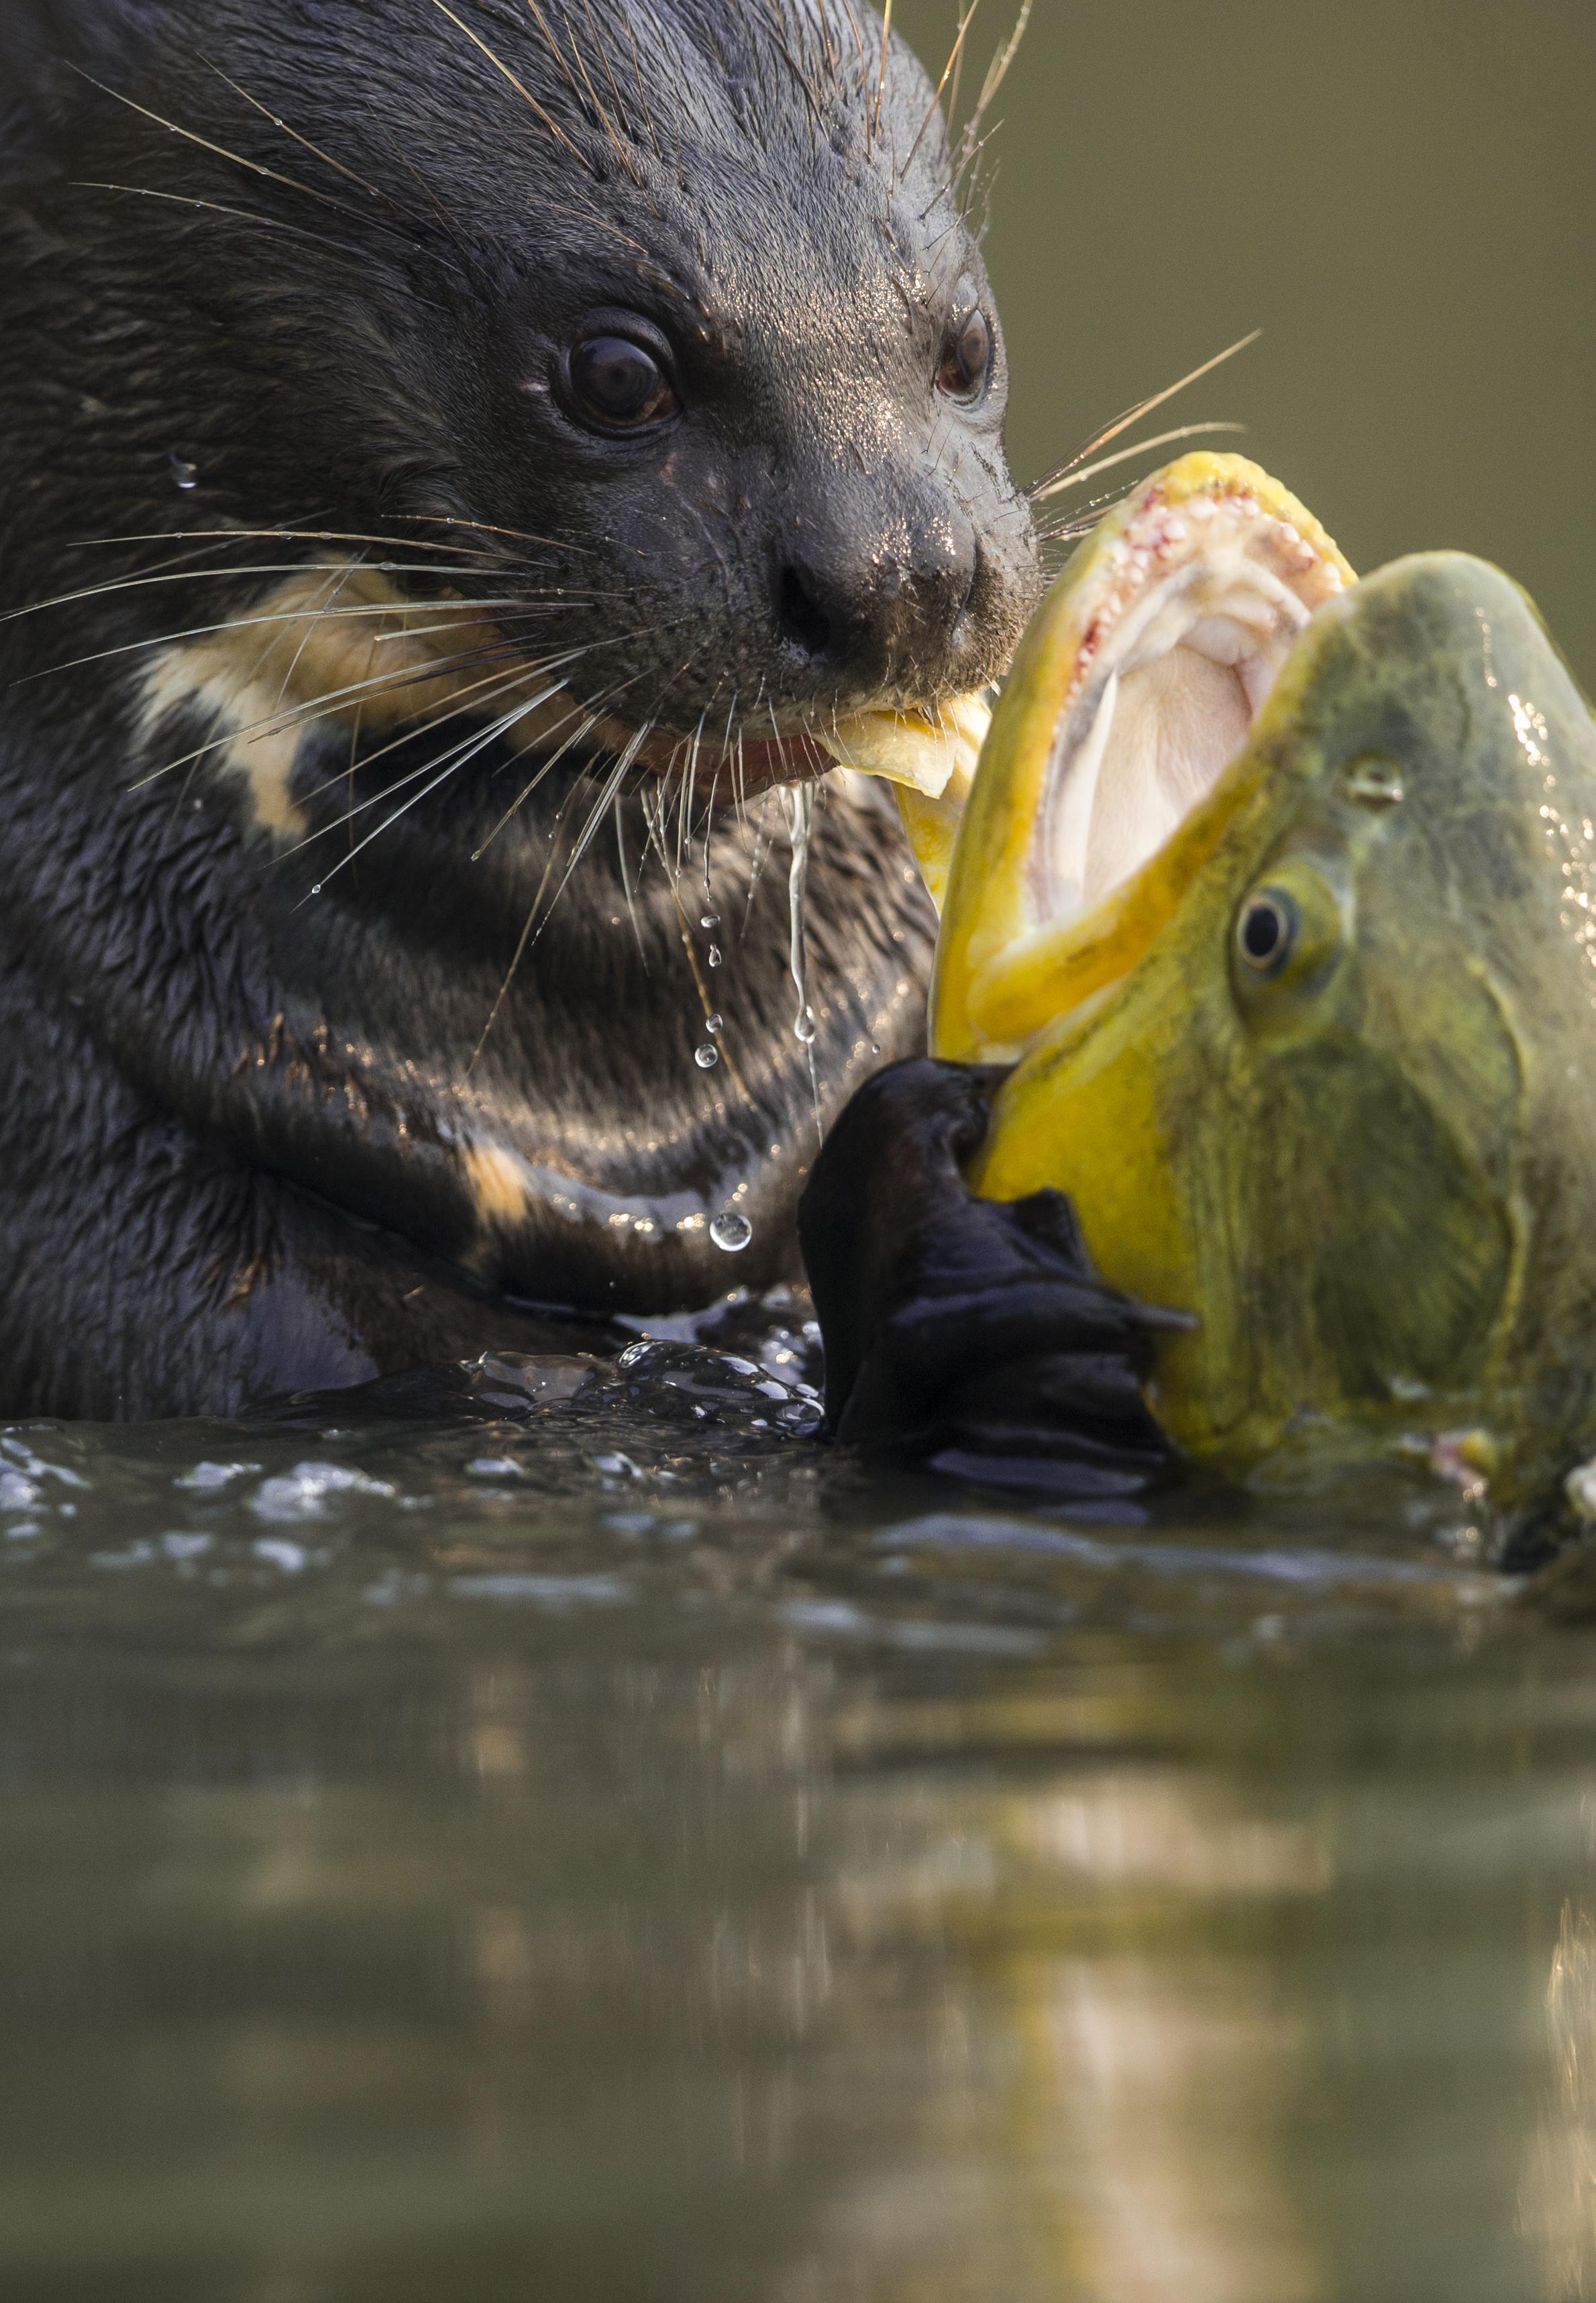 A giant river otter eats a Golden Dorado.